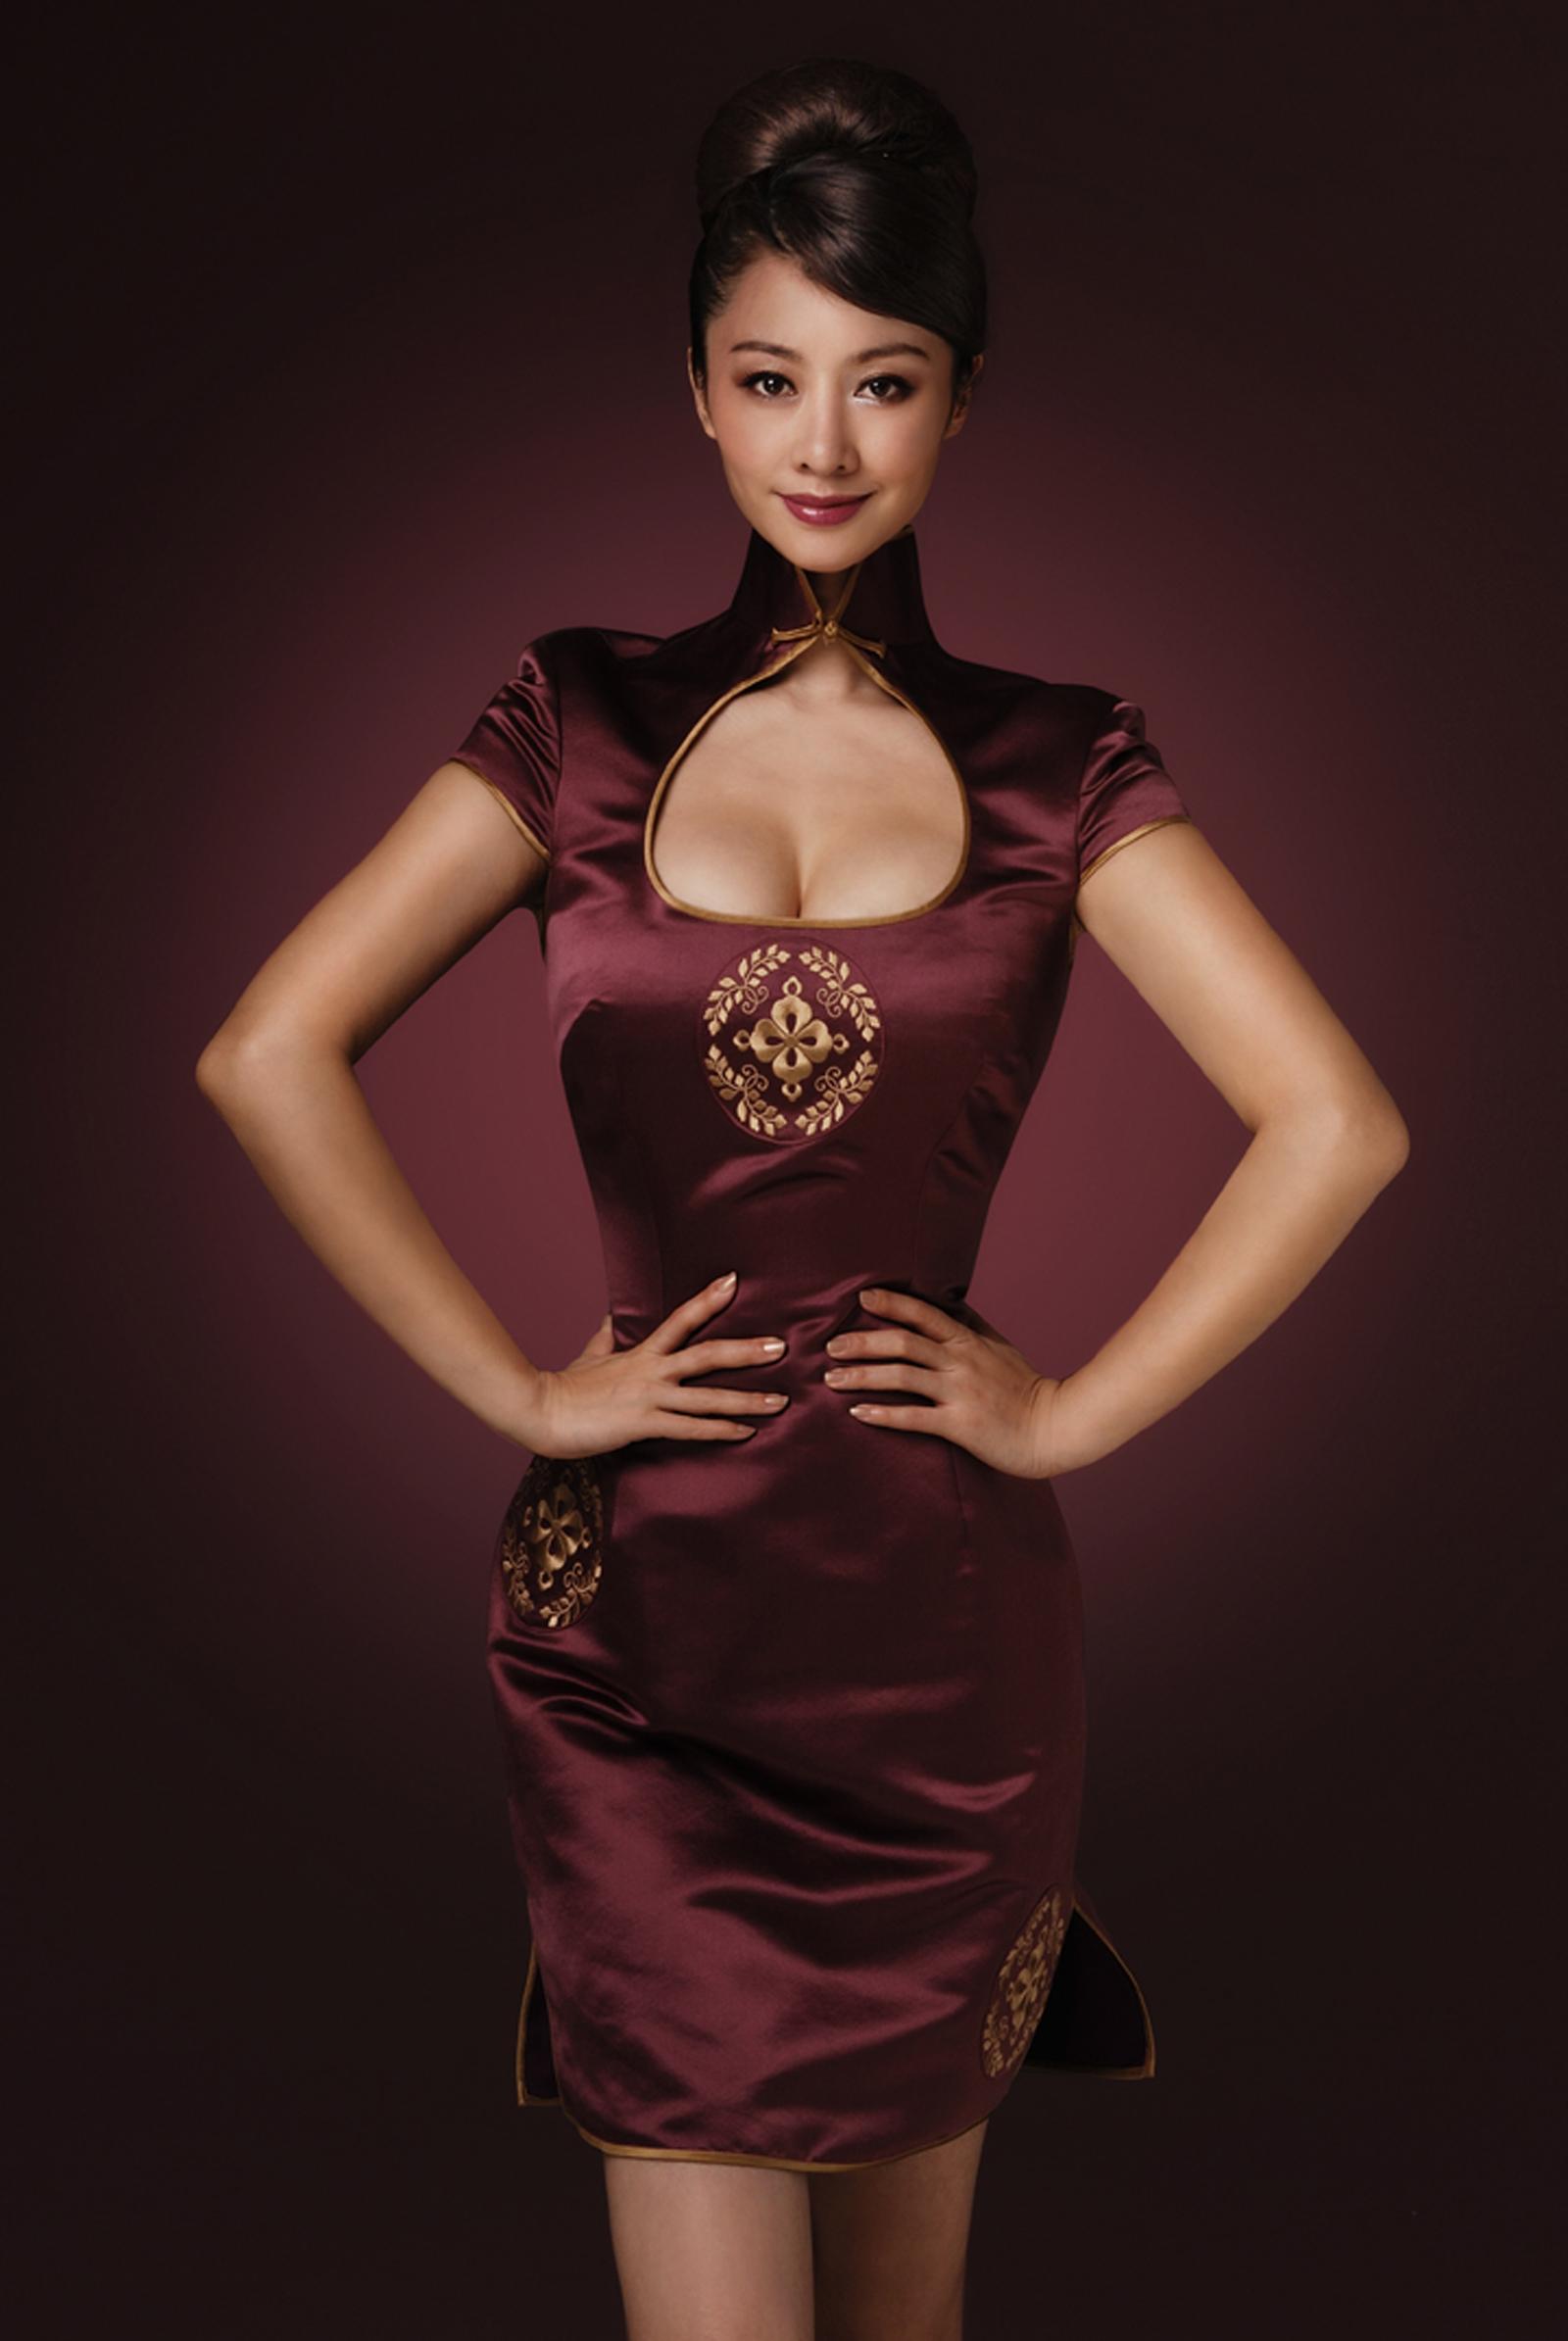 旗袍美女的诱惑2